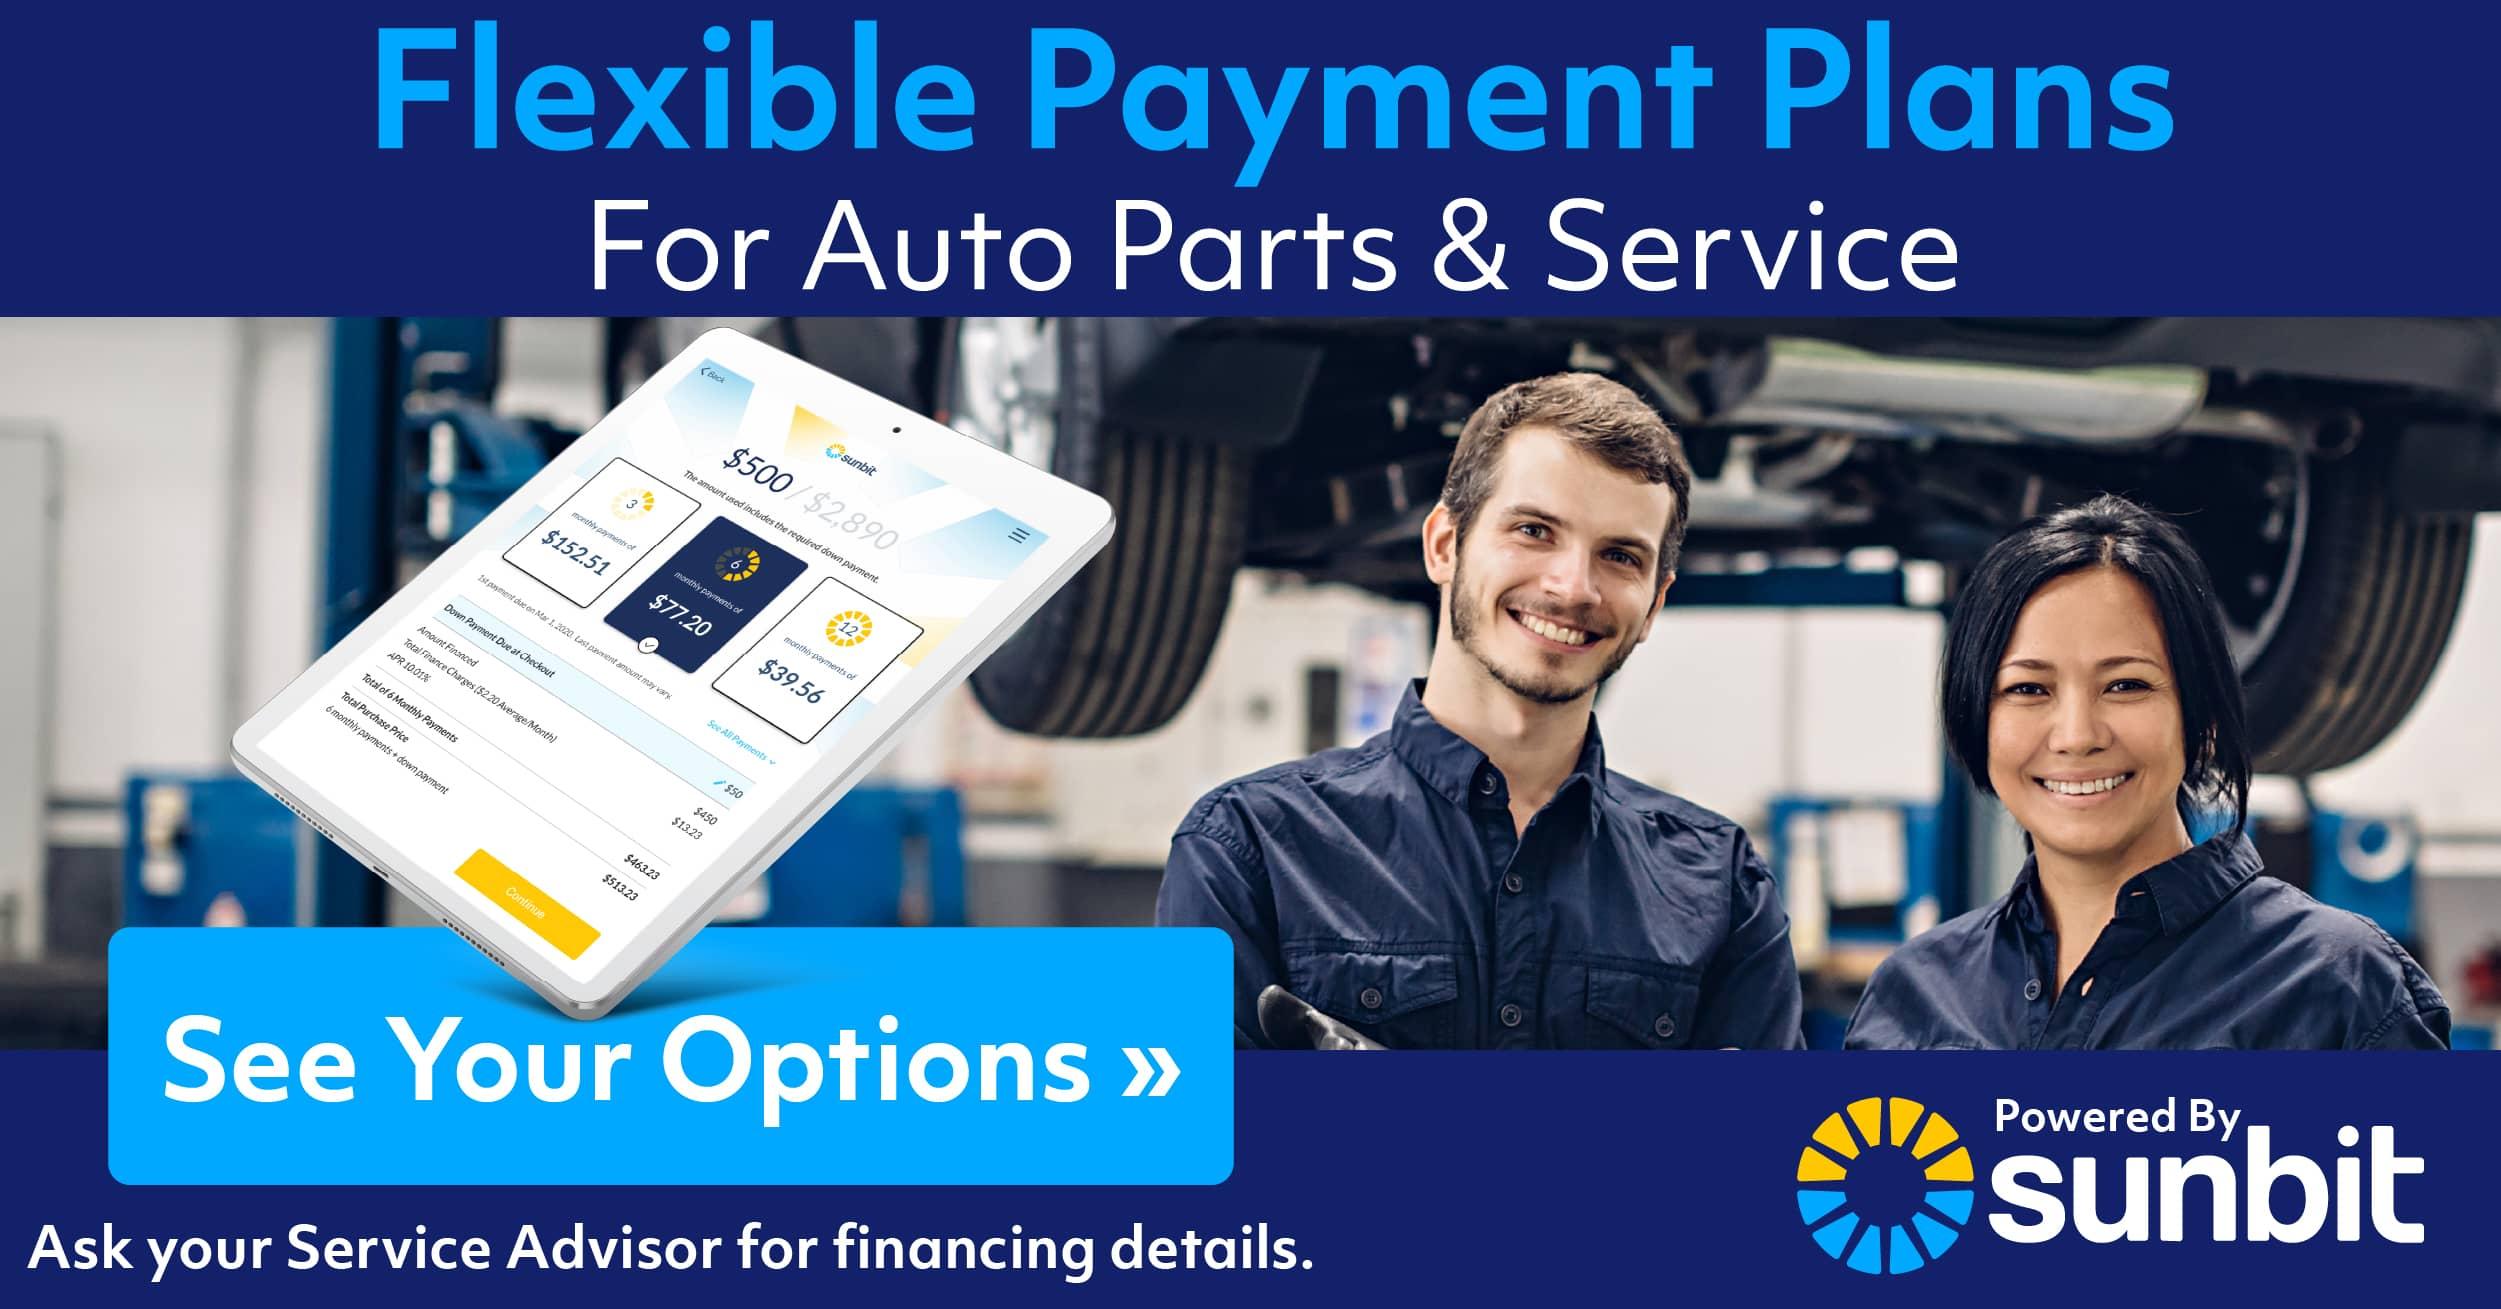 Sunbit Flexible Payment Plans